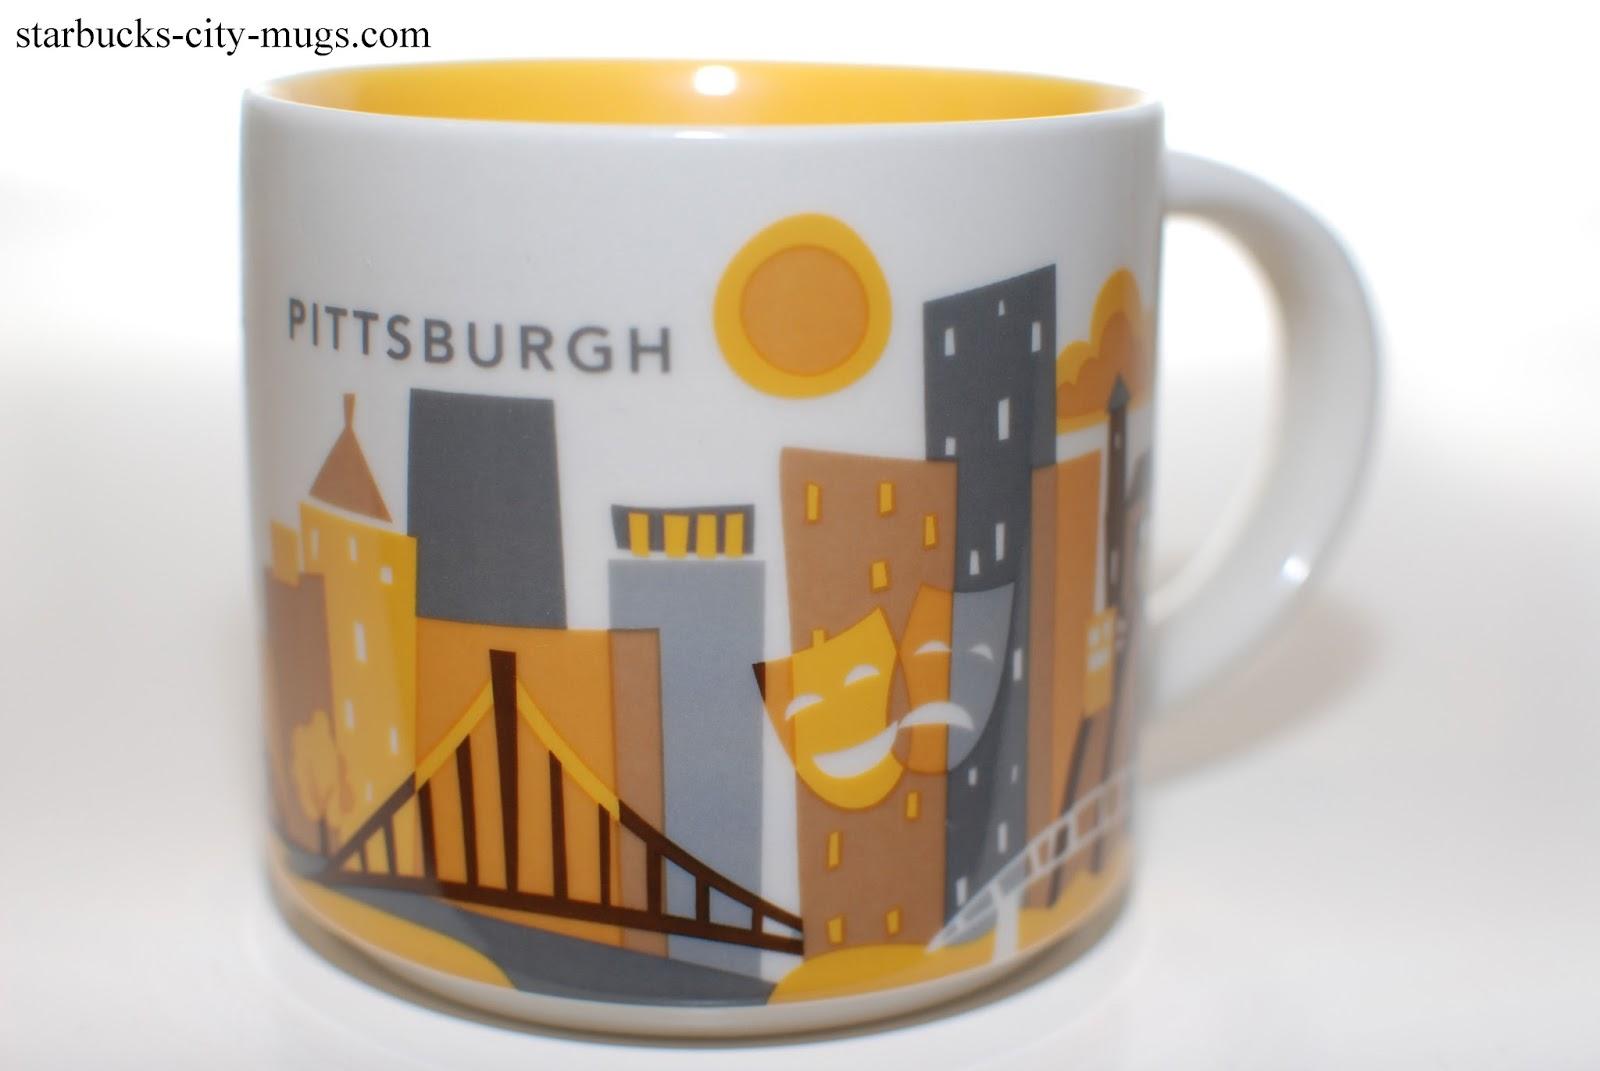 Starbucks City Mugs: Pittsburgh You Are Here